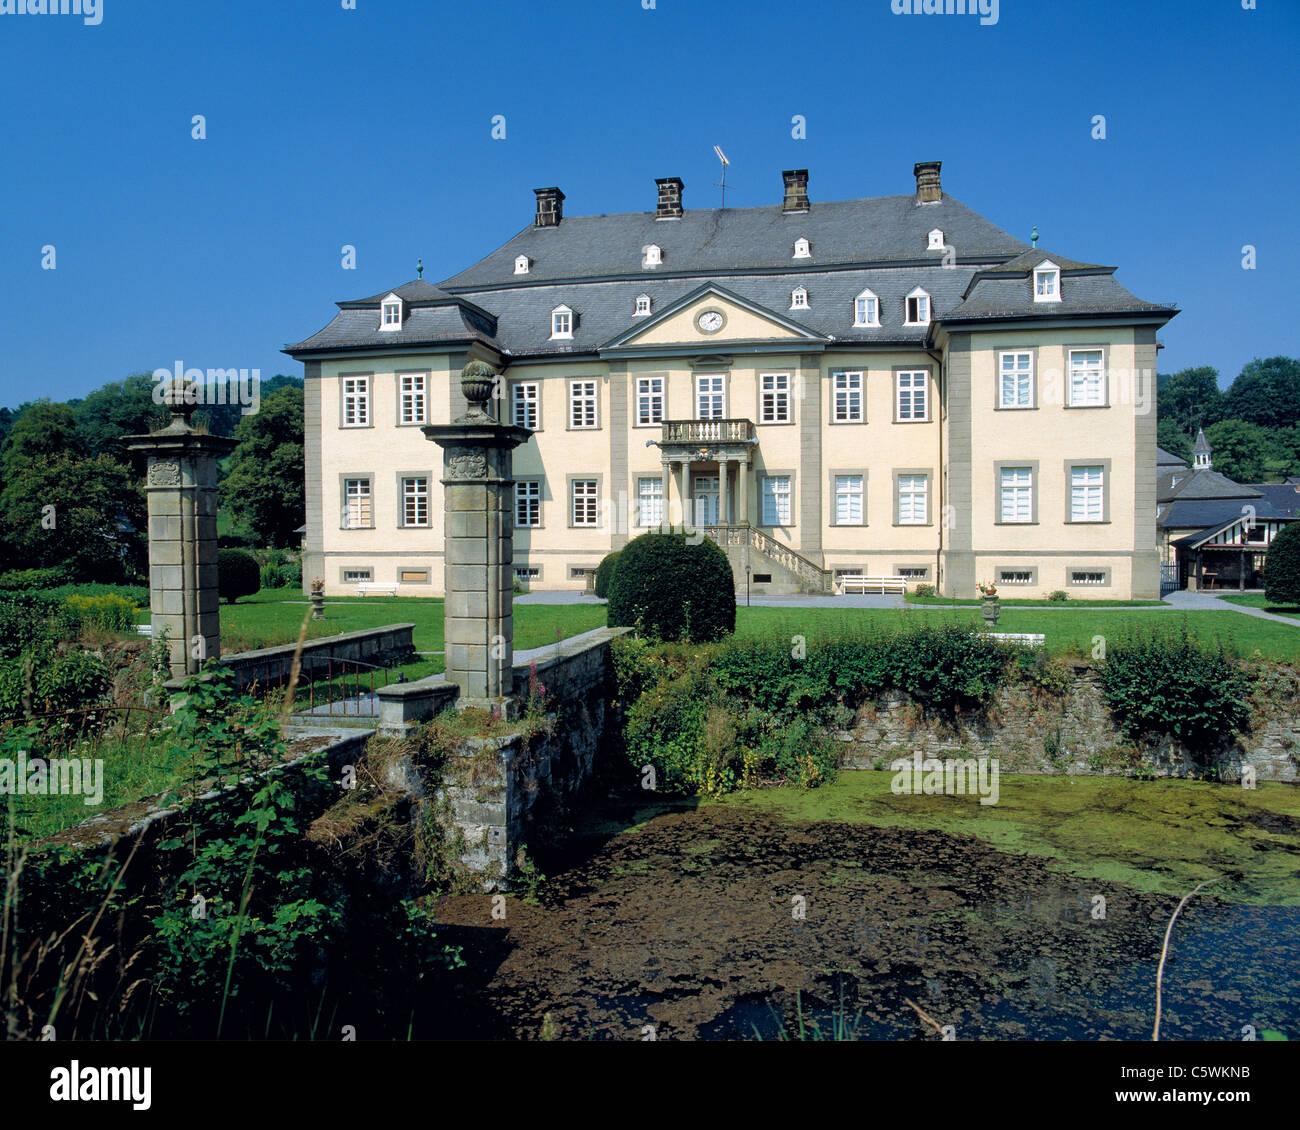 Wasserschloss Koertlinghausen in Ruethen-Kallenhardt, Naturpark Arnsberger Wald, Sauerland, Nordrhein-Westfalen Stock Photo